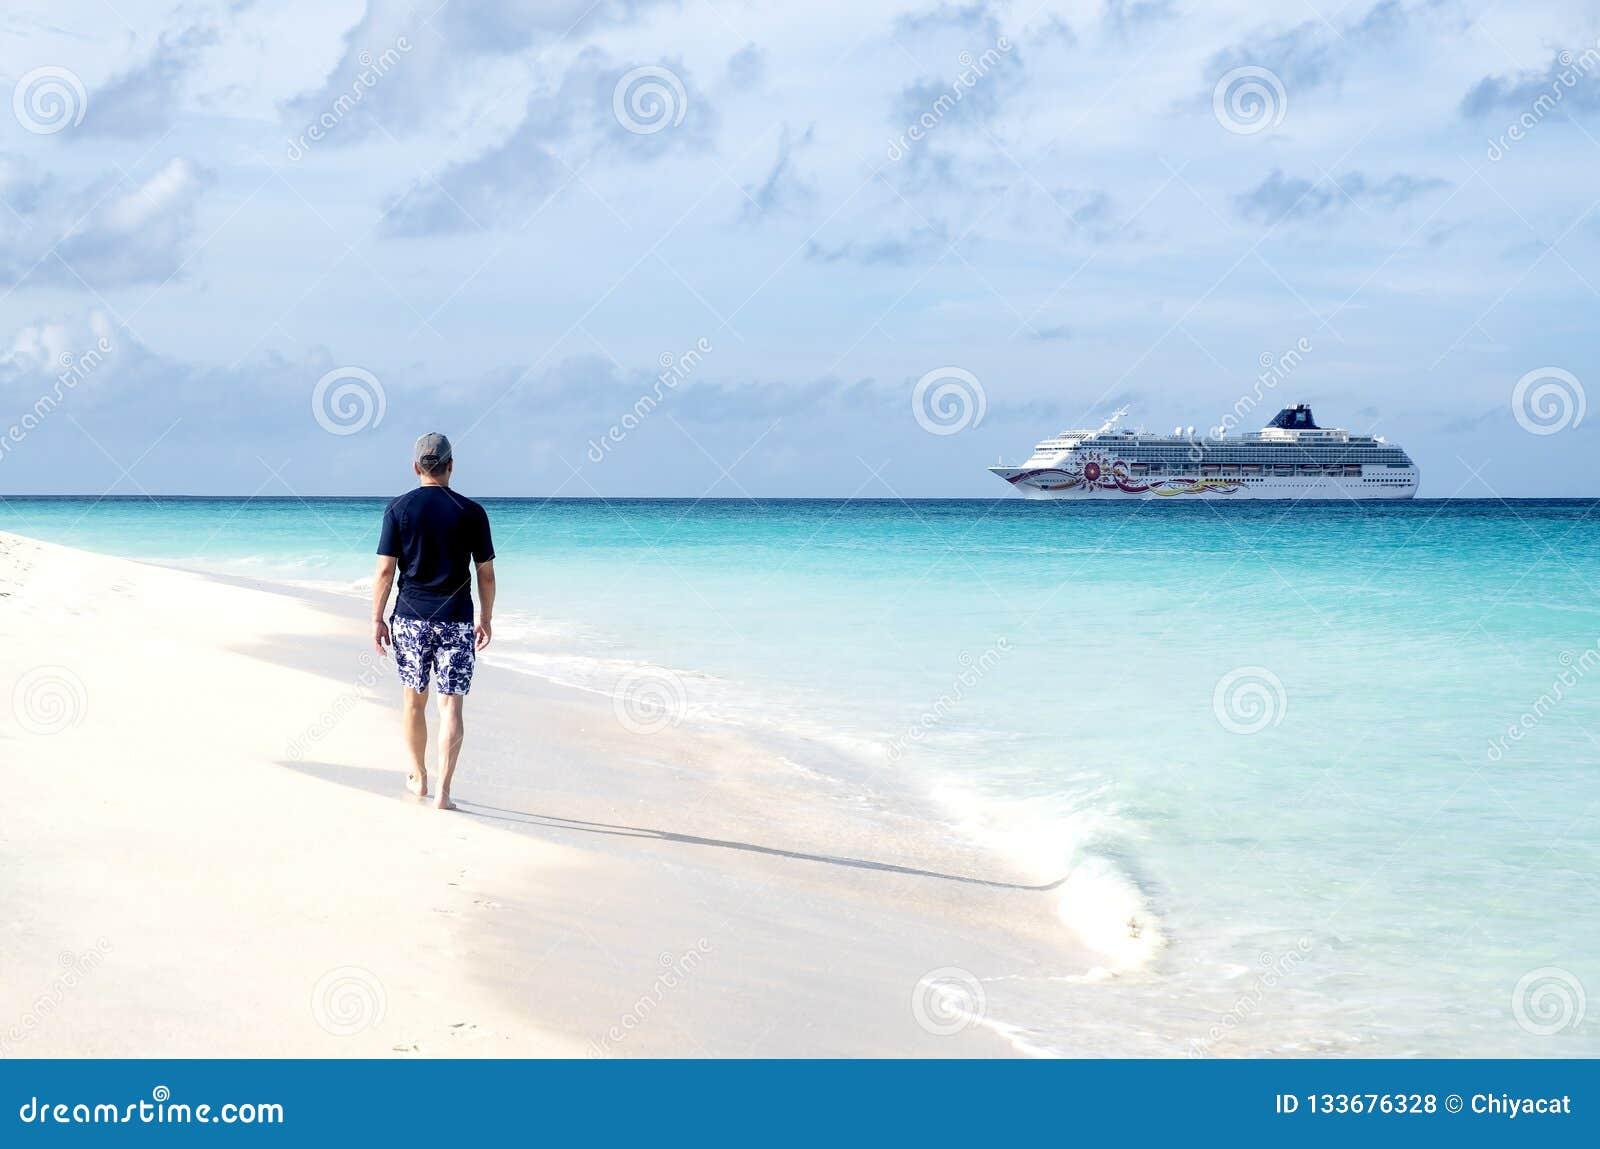 Punto di vista posteriore di un uomo che cammina su una spiaggia caraibica e che esamina una nave da crociera